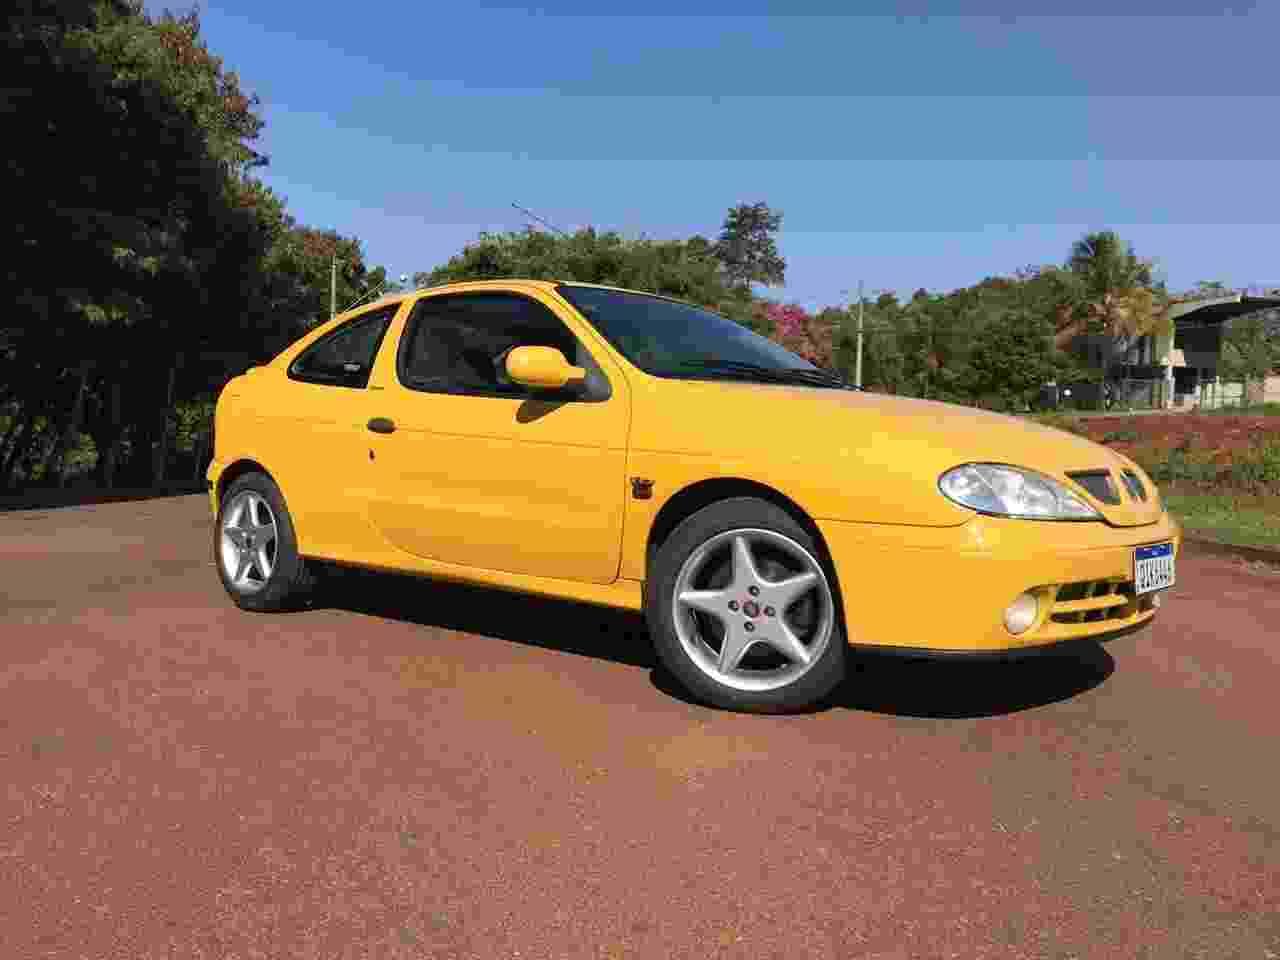 Renault Megane Coupé 2002 contrabandeado Alexandre Badolato - Arquivo pessoal